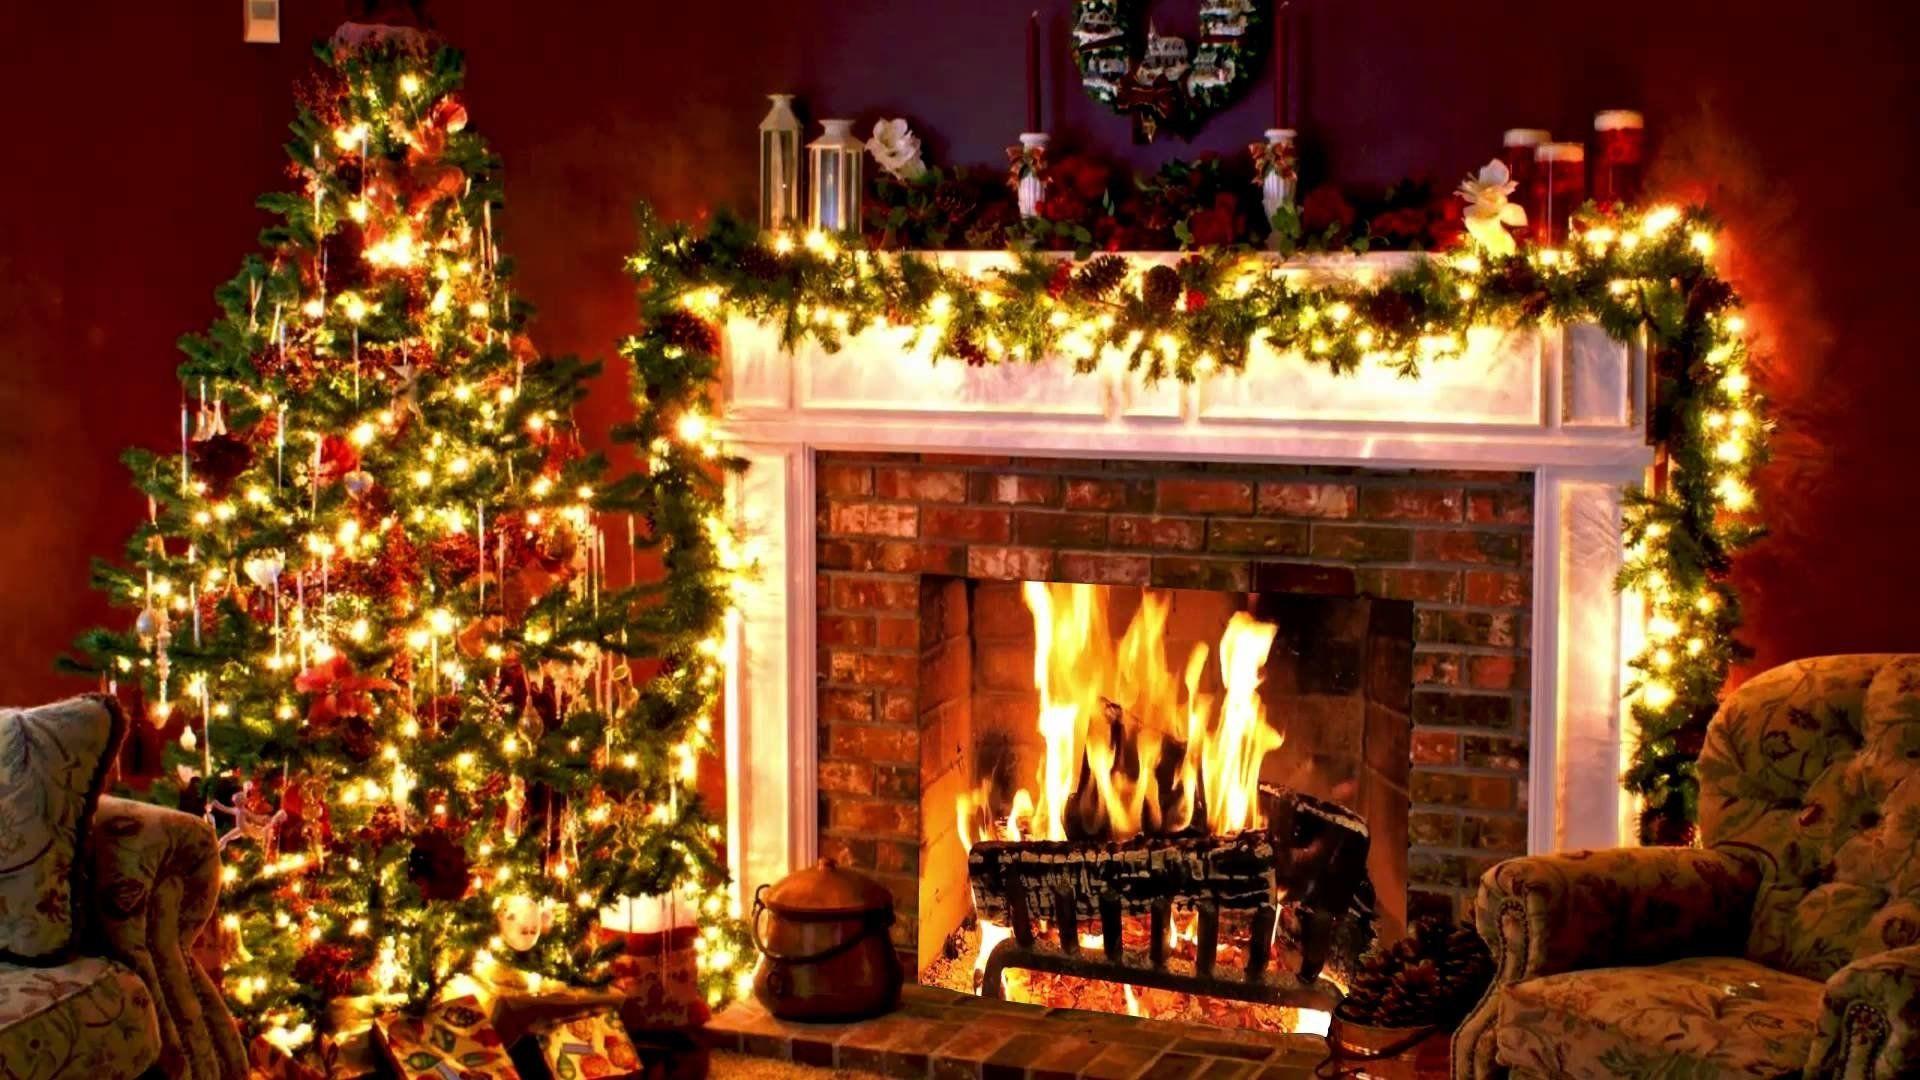 Holiday Christmas Holiday Christmas Tree Fireplace Wallpaper 1920x1080